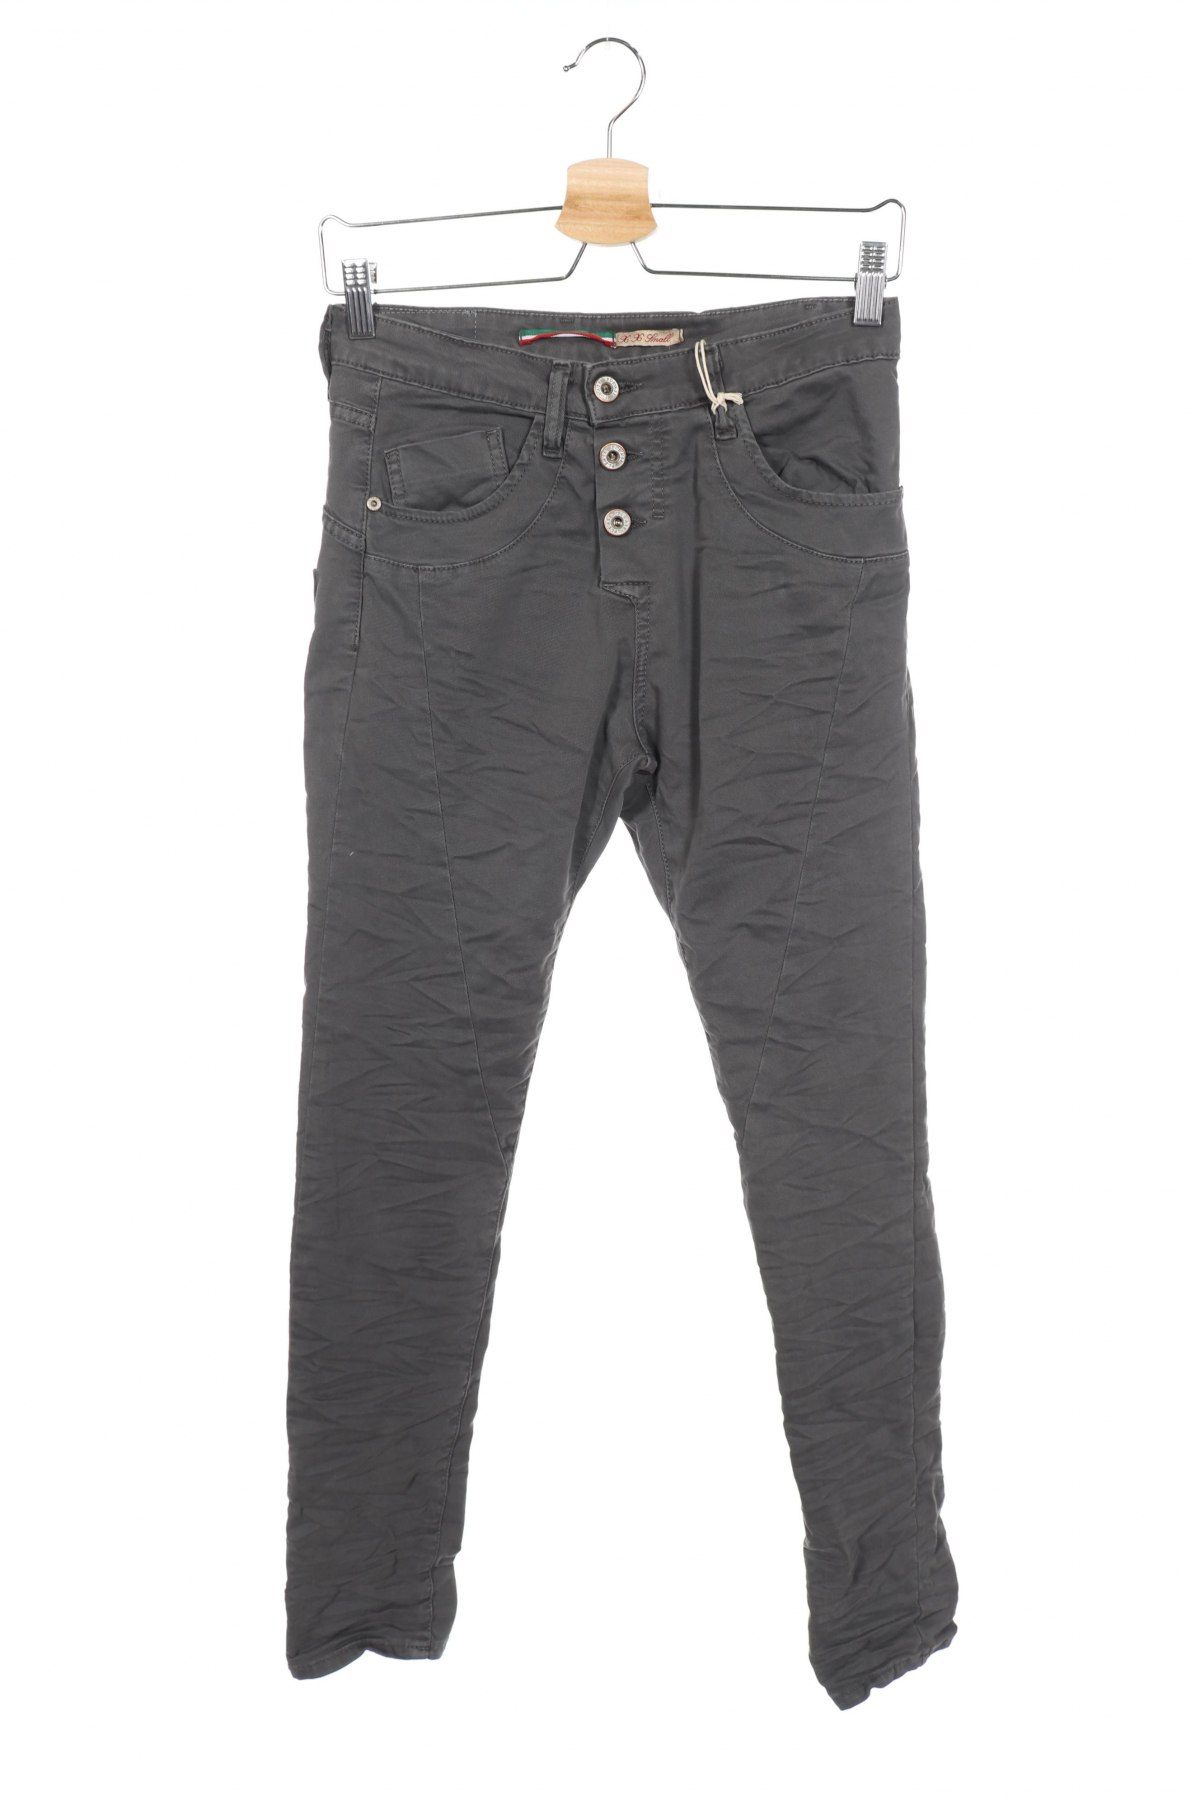 Дамски дънки Please, Размер XXS, Цвят Сив, 98% памук, 2% еластан, Цена 12,72лв.